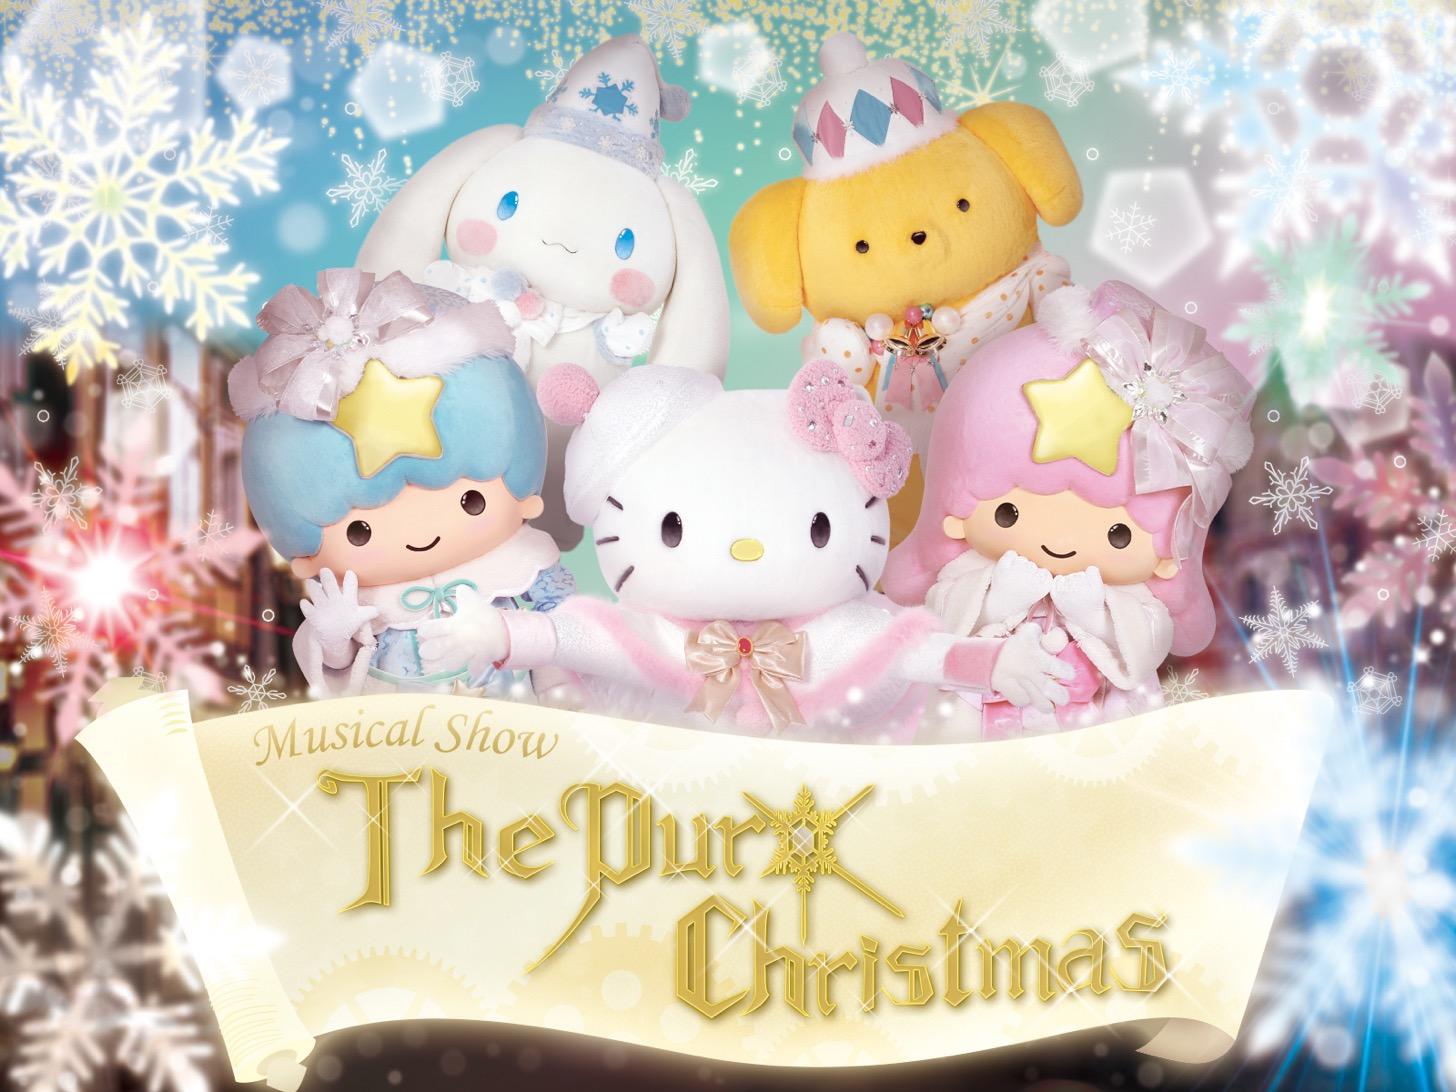 キラキラ輝く雪が降る!「Musical Show 『The Puro Christmas』」